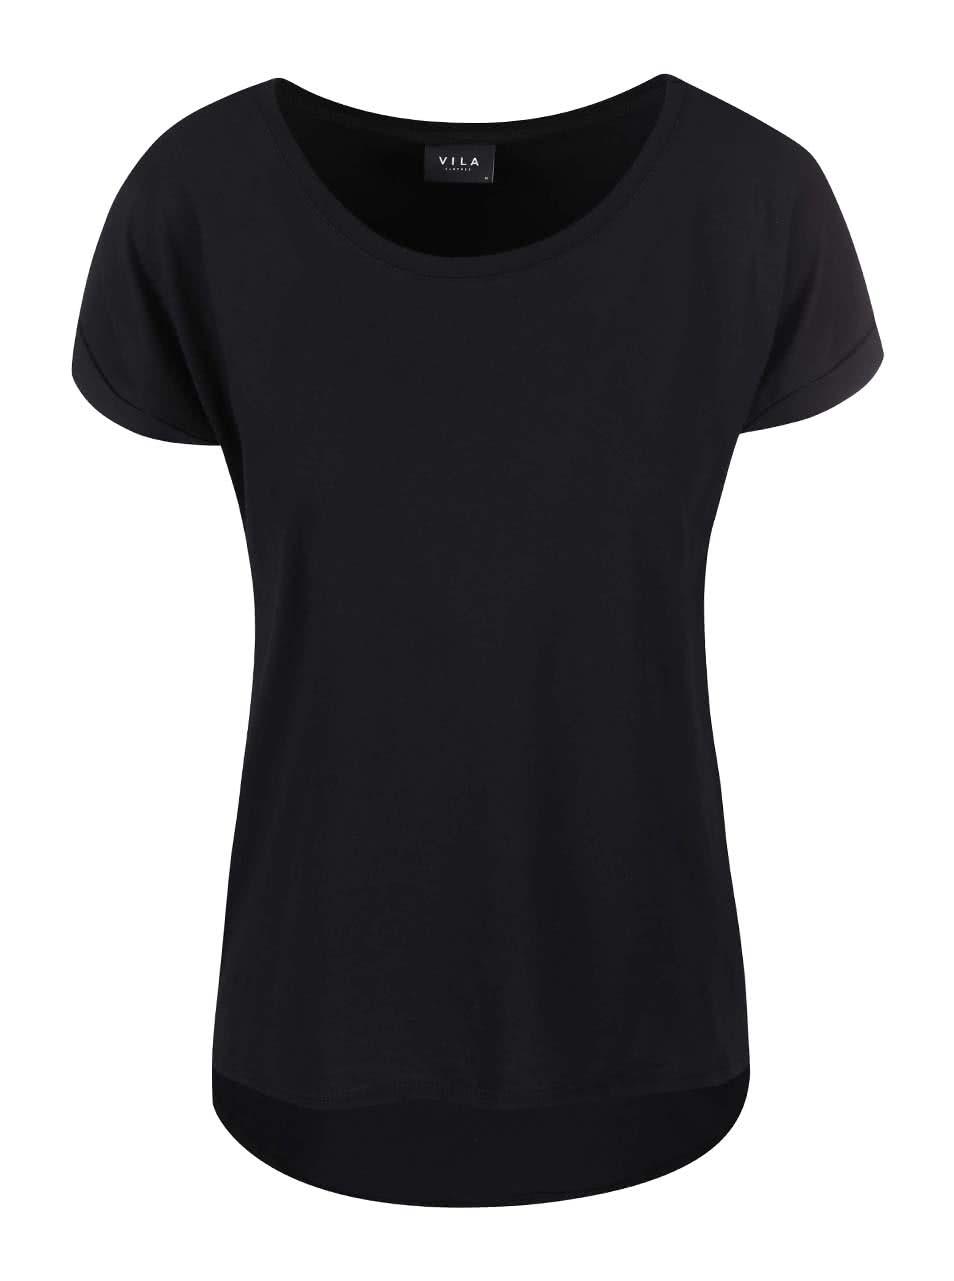 Vila черни риза Dreamers